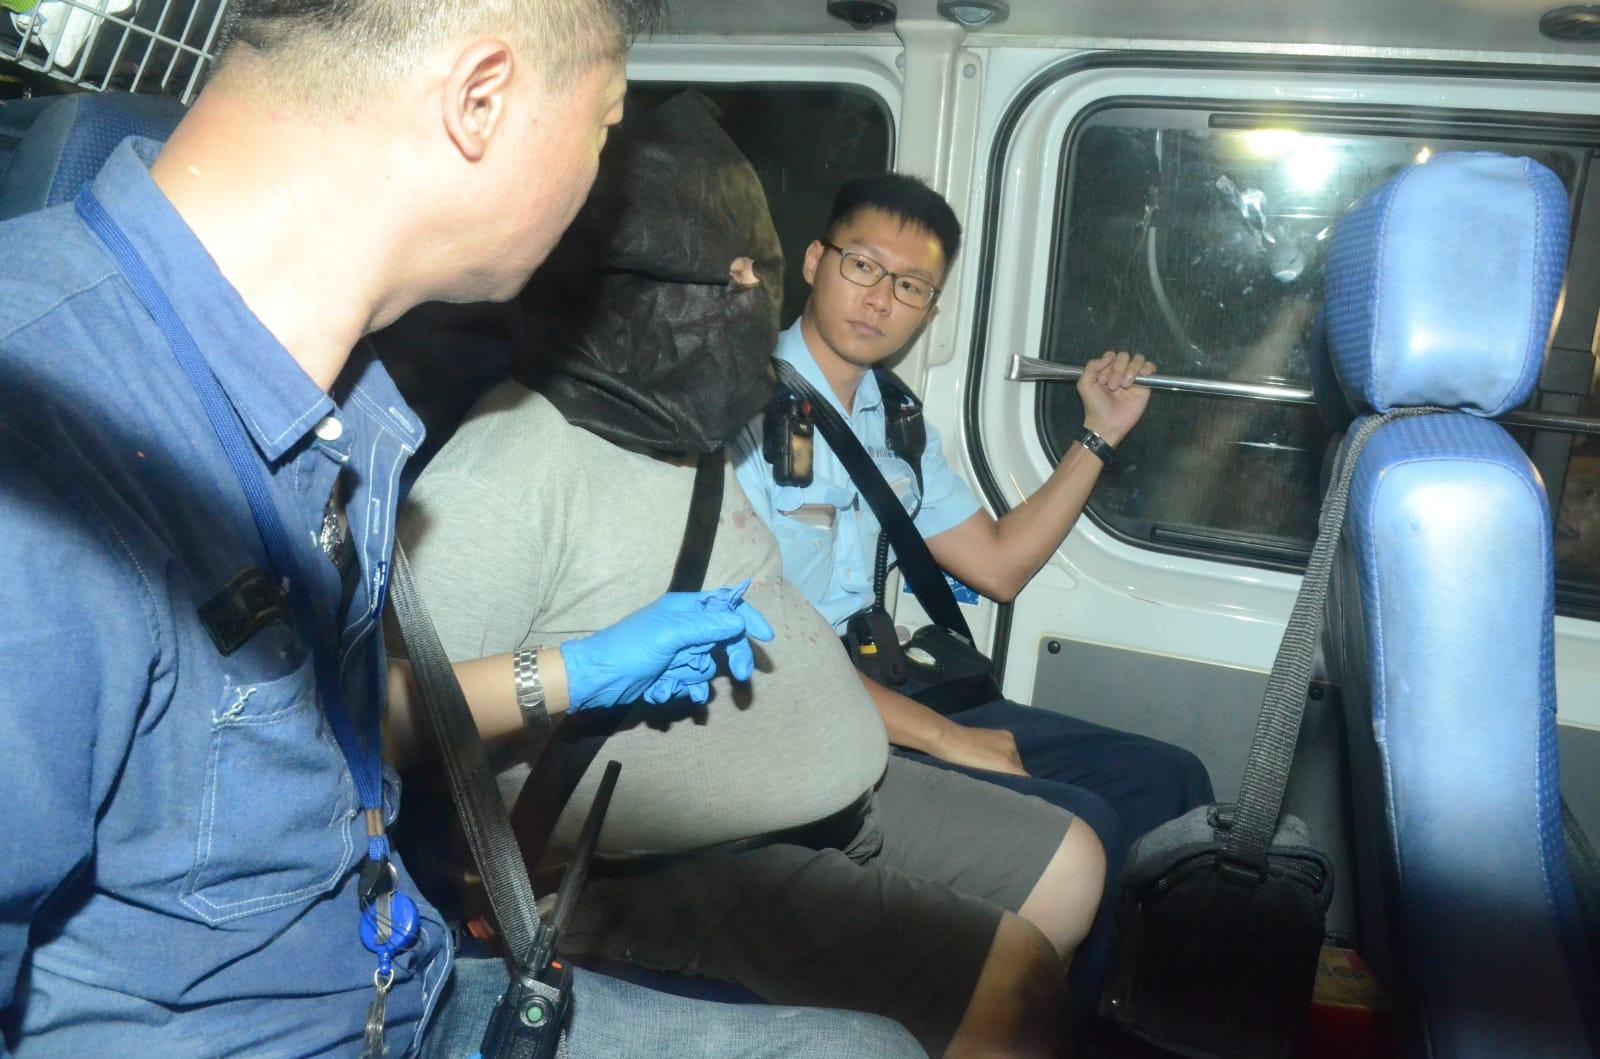 警方拘捕涉案男子